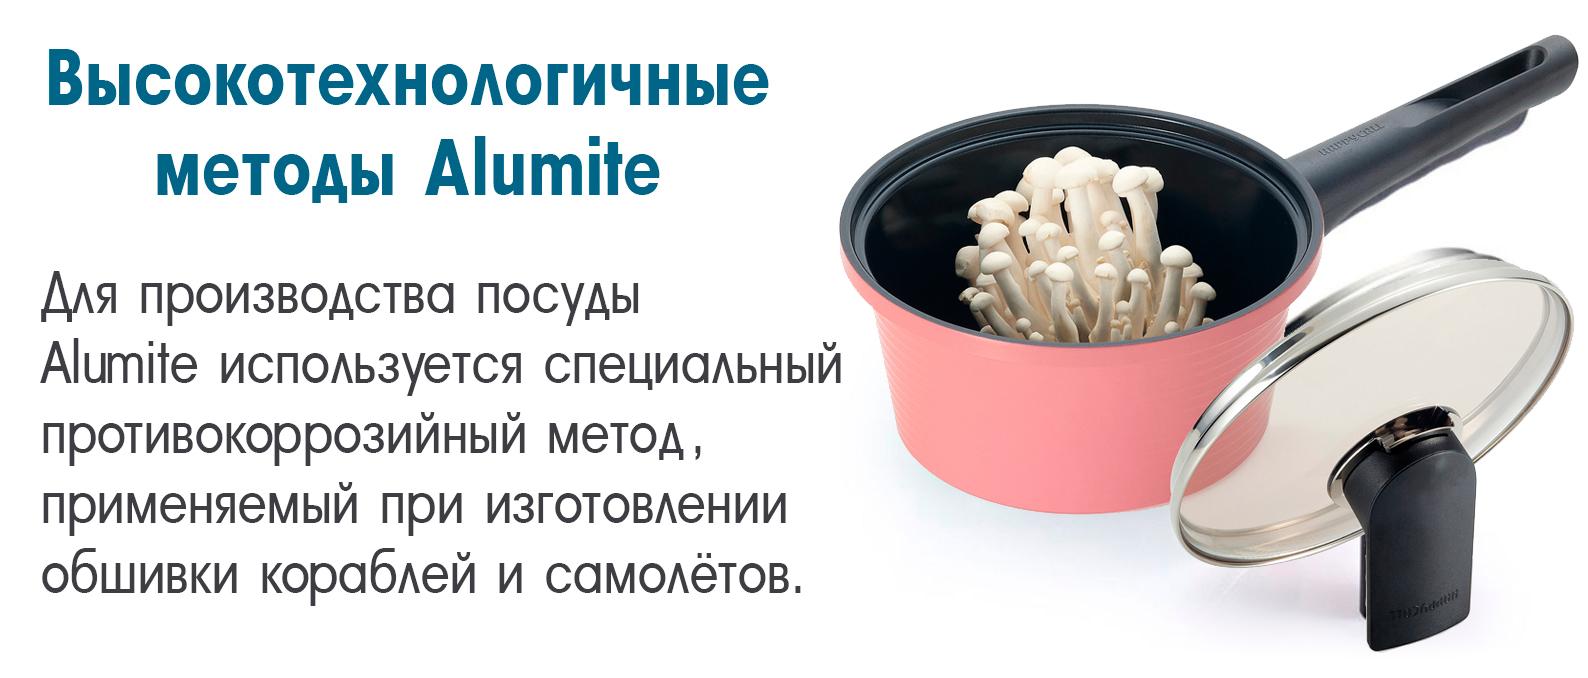 Уникальные кастрюли Alumite от HappyCall.